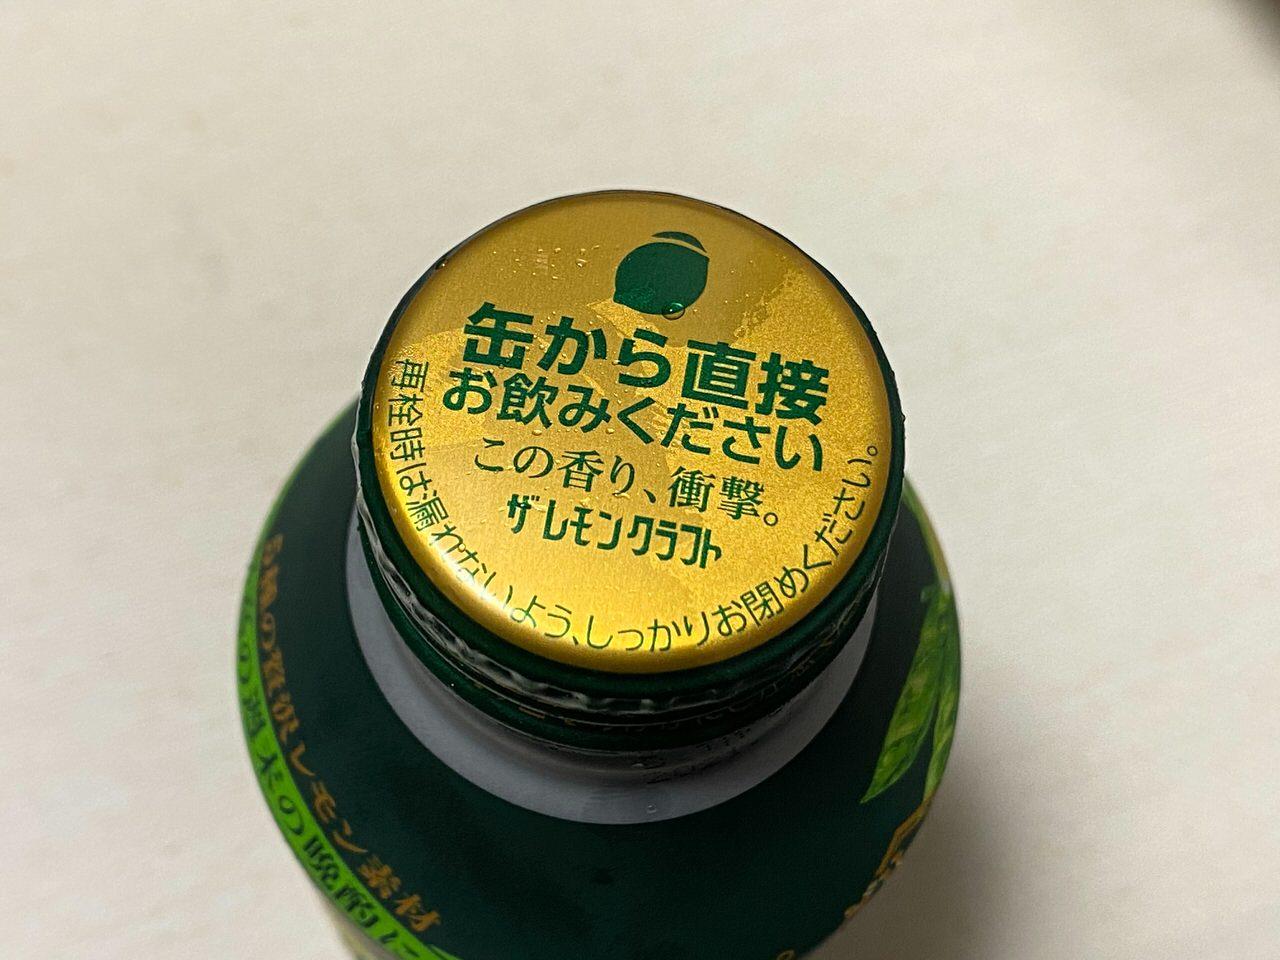 ザ・レモンクラフト グリーンレモン 2020128